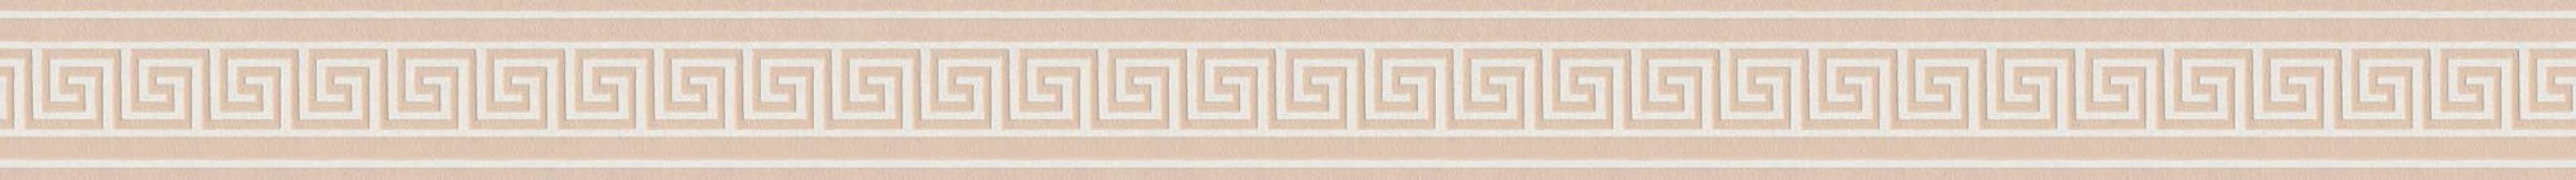 A.S. Création 895929 zelfklevende rand Only Borders 9 boord, 1 stuk, beige